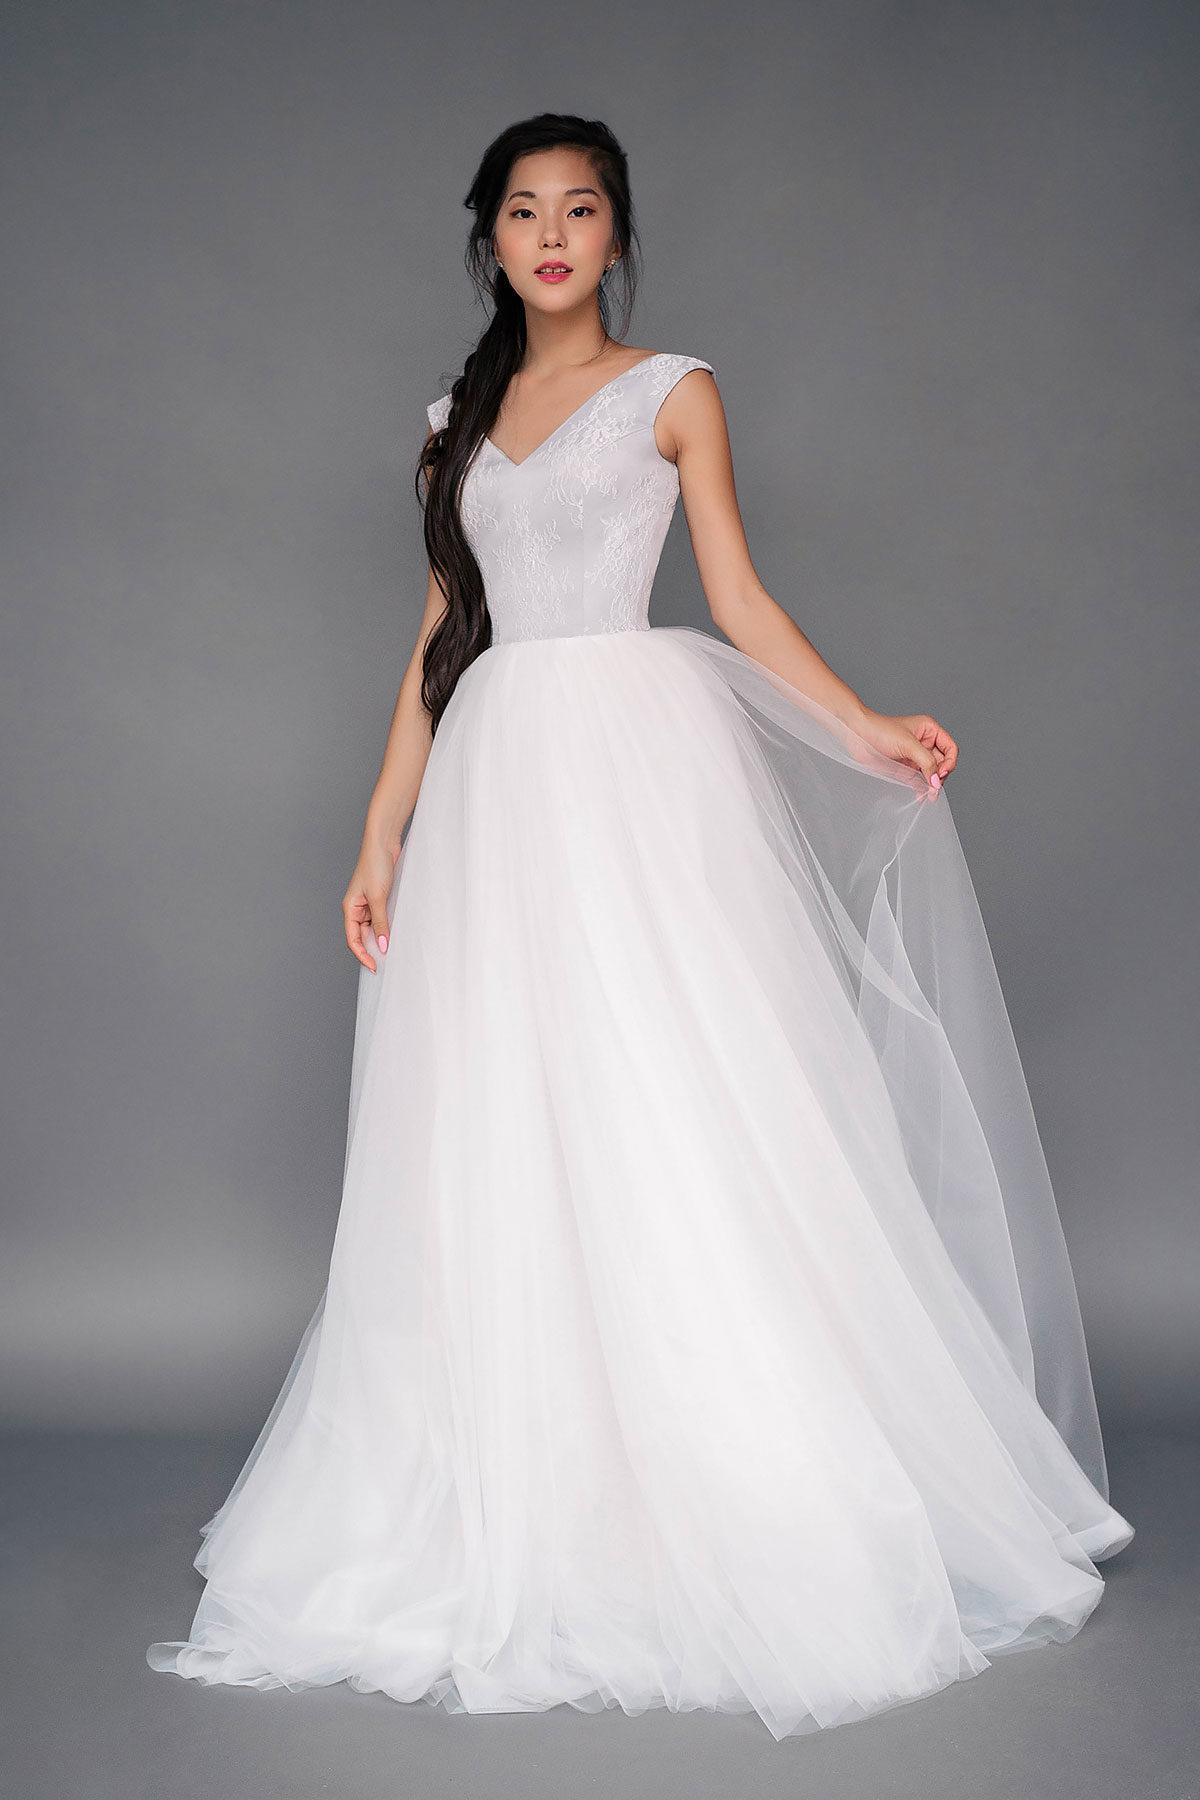 Классическое цветное свадебное платье Elsinore от Миламира